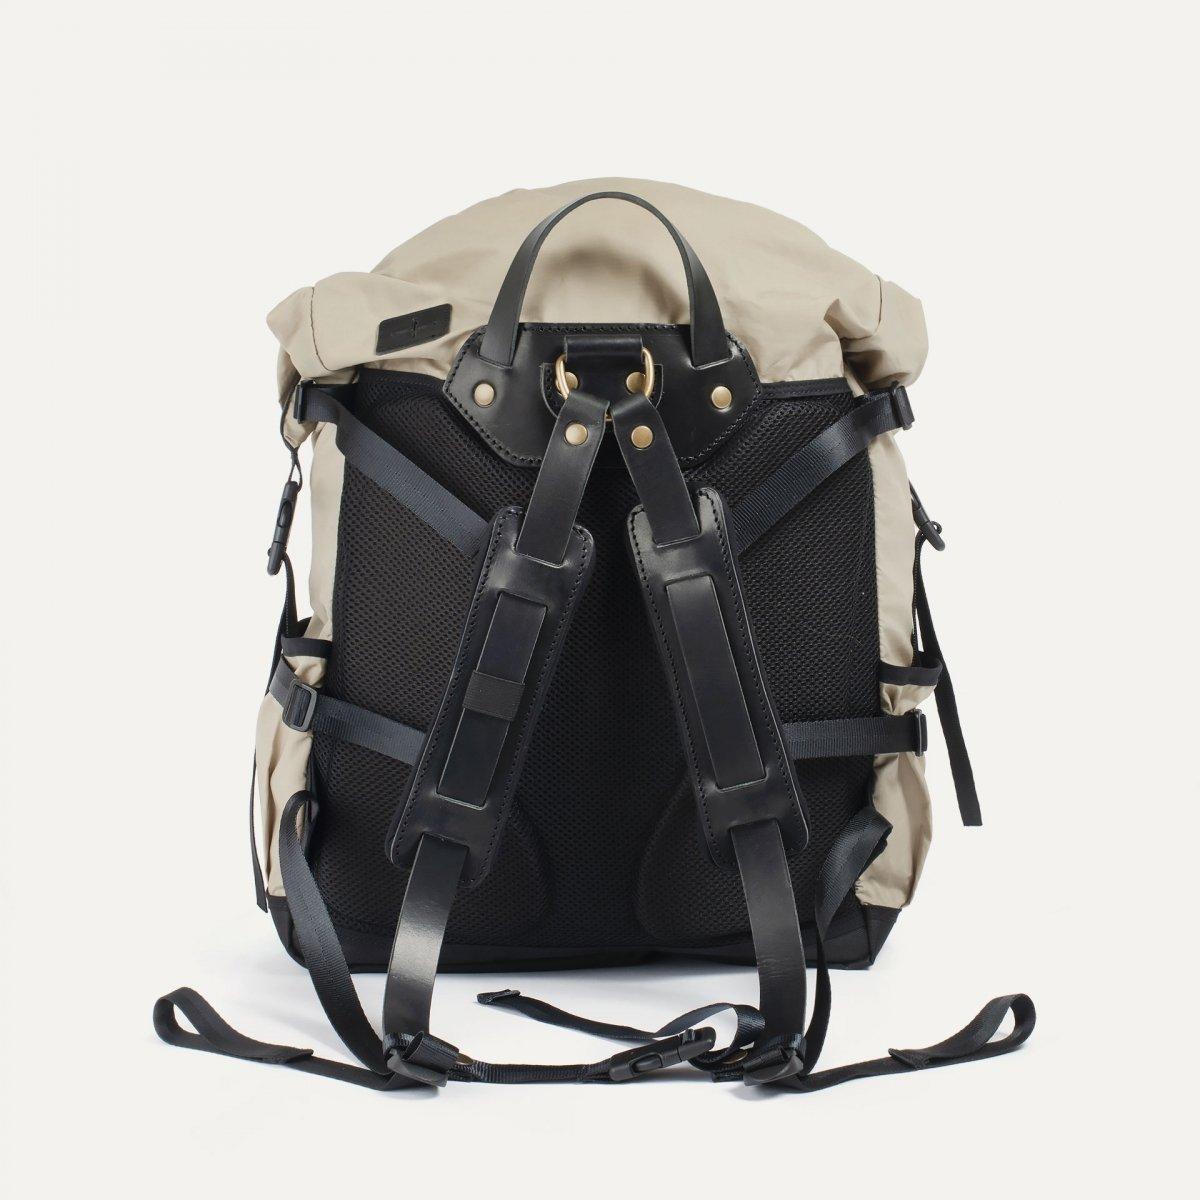 20L Basile Backpack - Beige (image n°3)